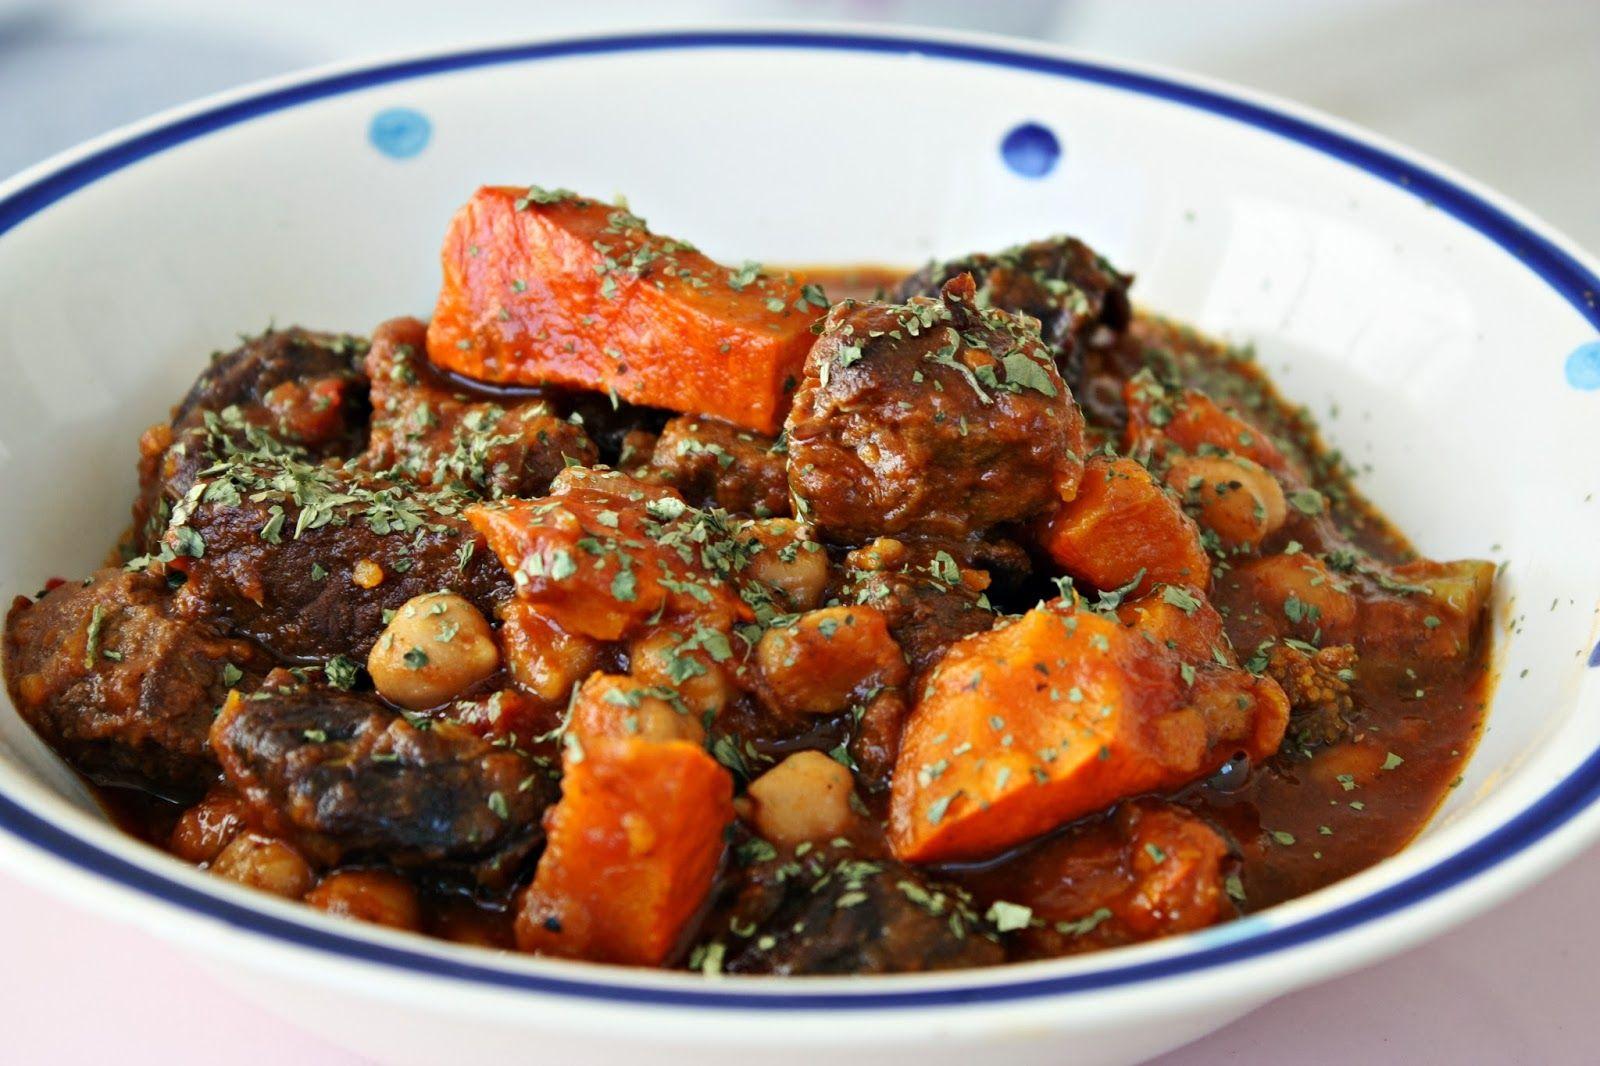 Leichte Sommerküche Jamie Oliver : Marokkanische rindfleisch tagine original von jamie oliver g